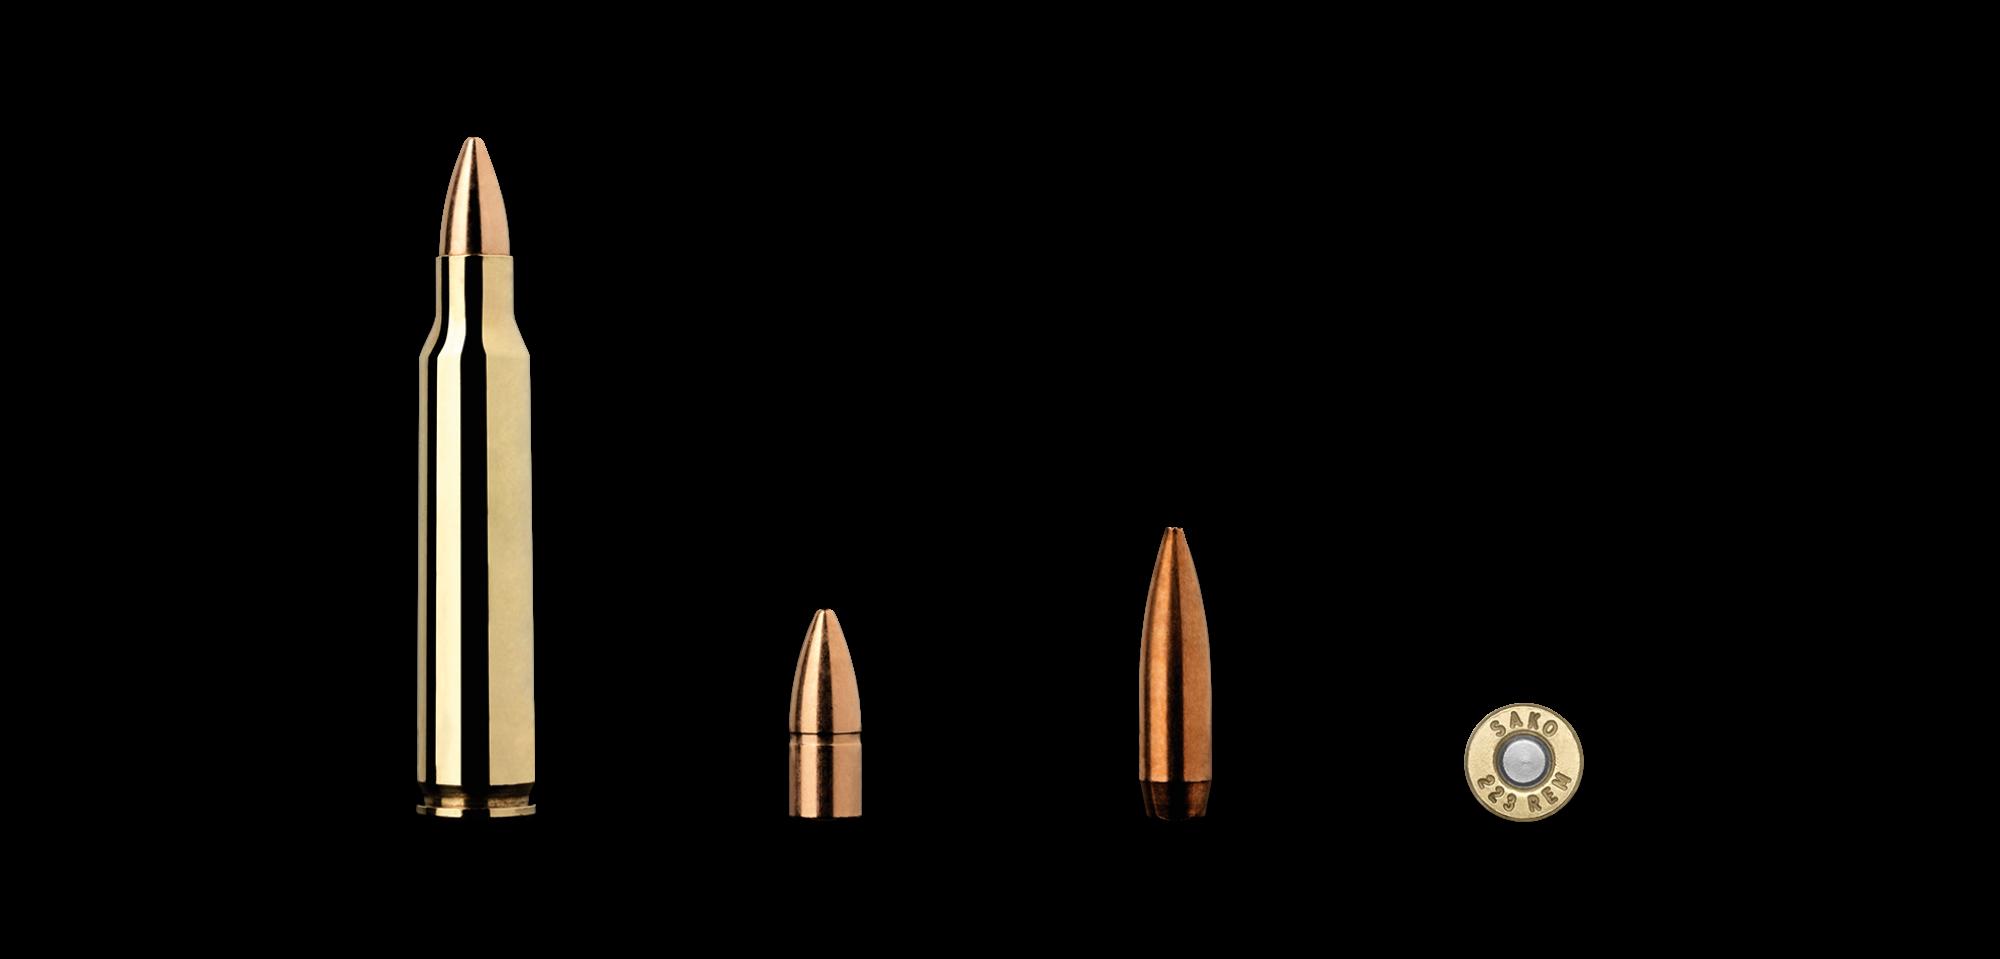 rem ammunition beretta. Bullet clipart sniper bullet